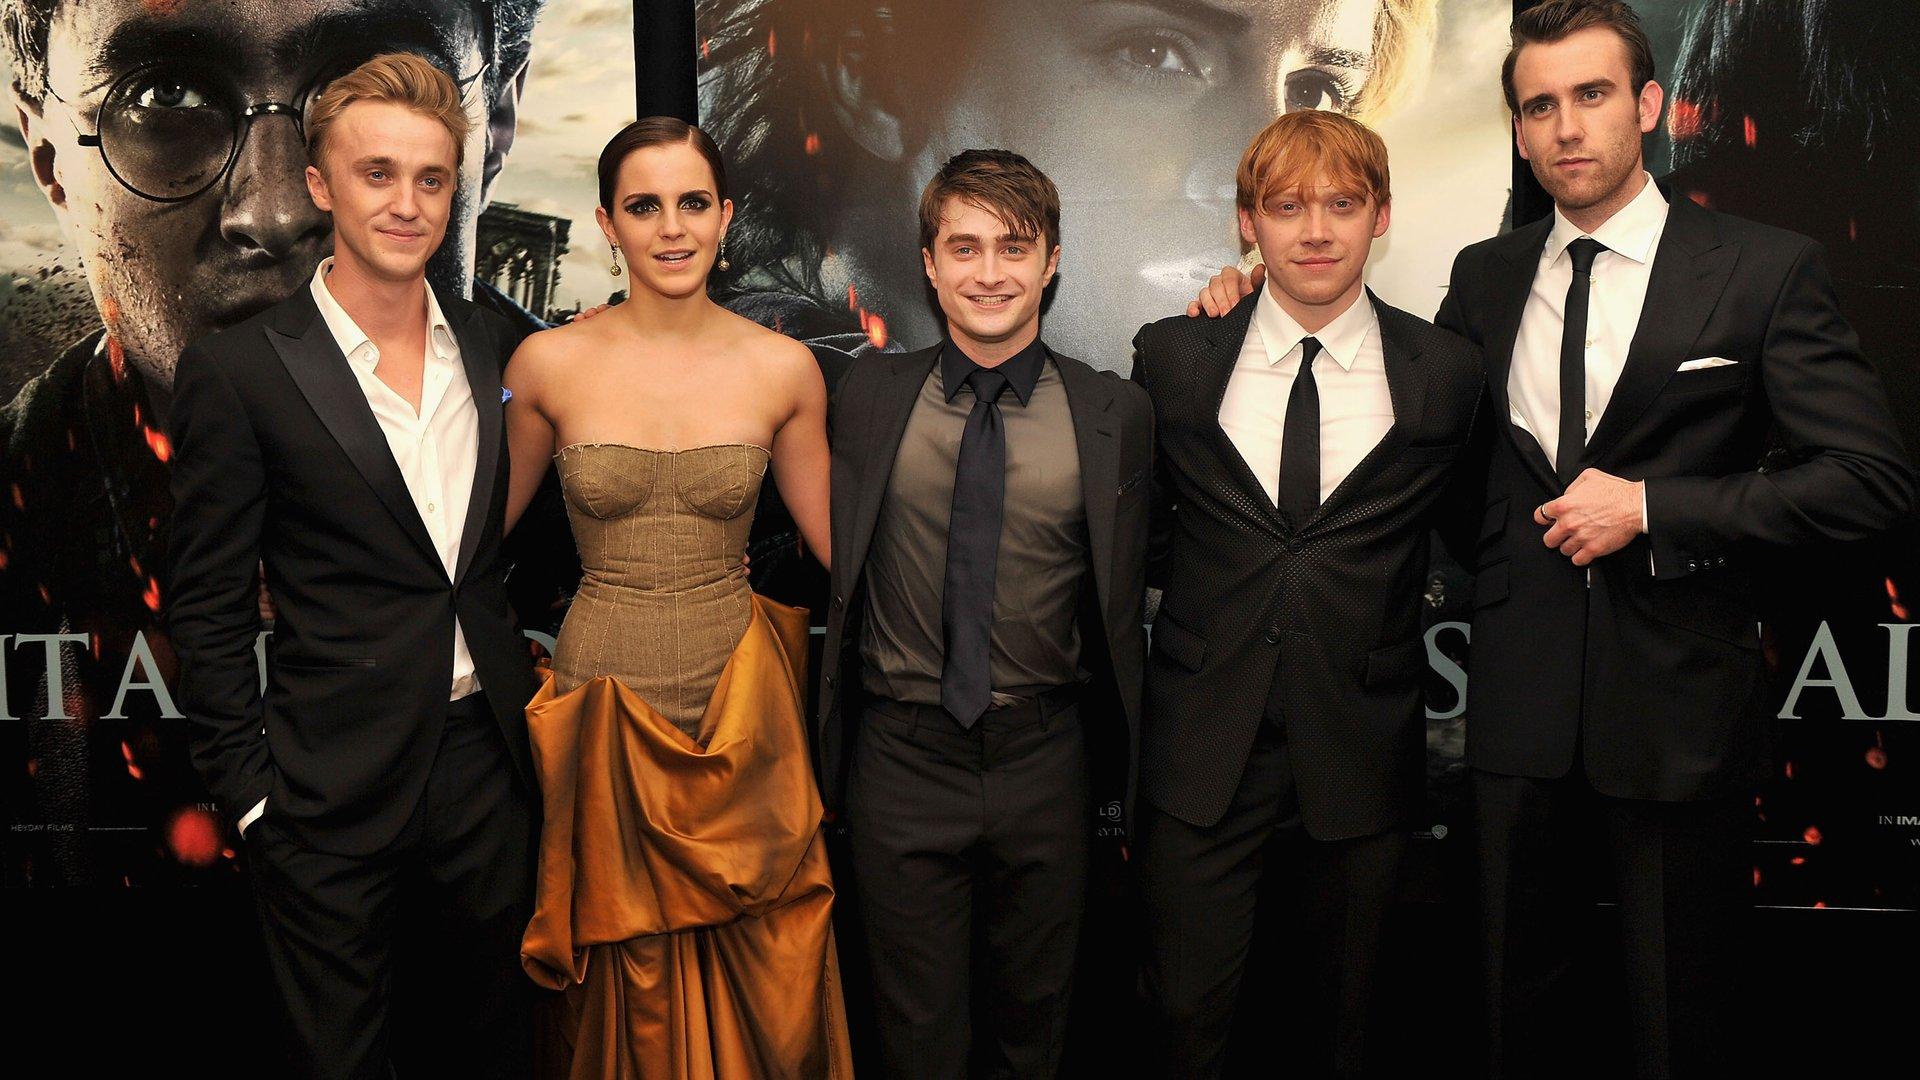 Draco hermine von ist schwanger Sind Hermine